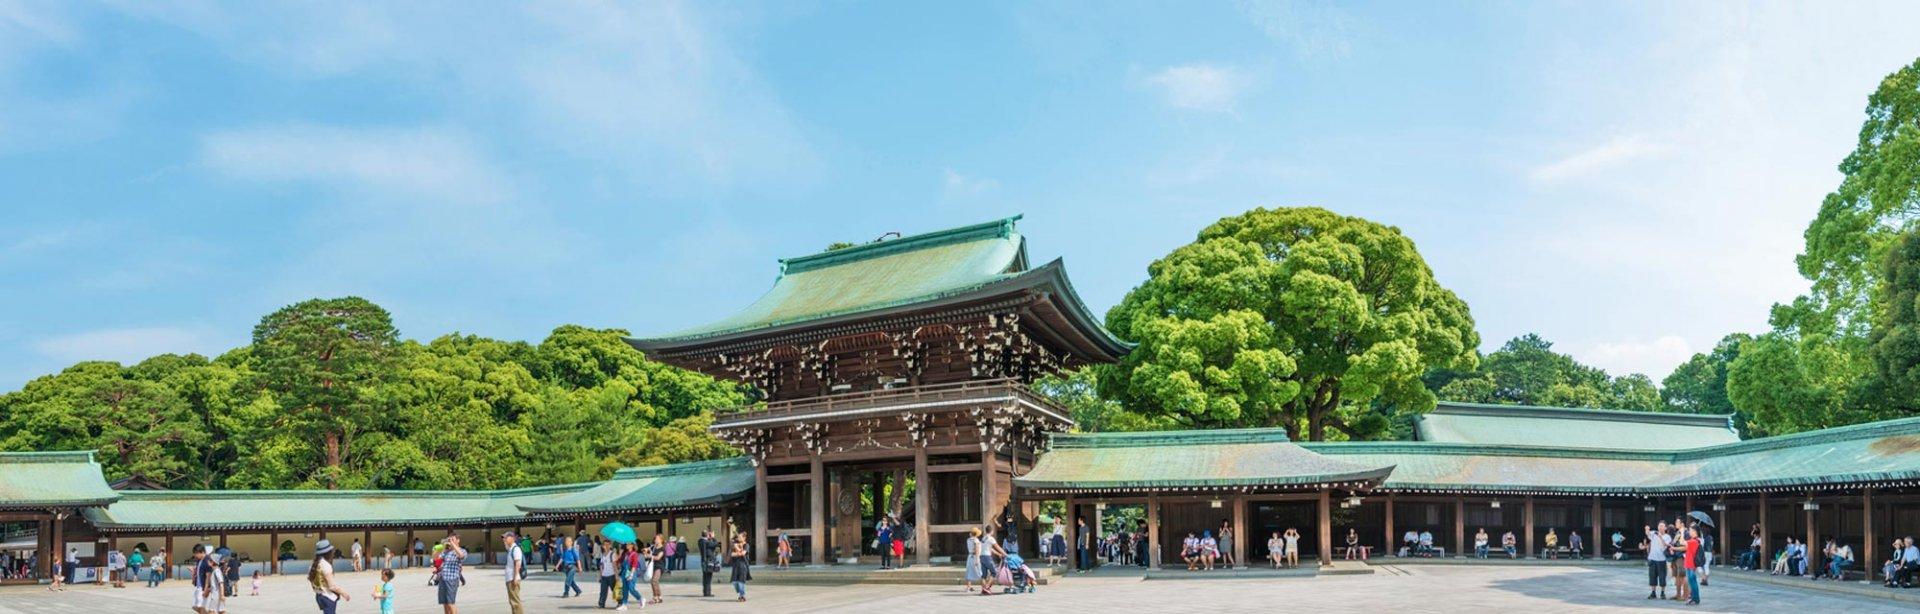 Meiji-jingu-Shrine.jpg